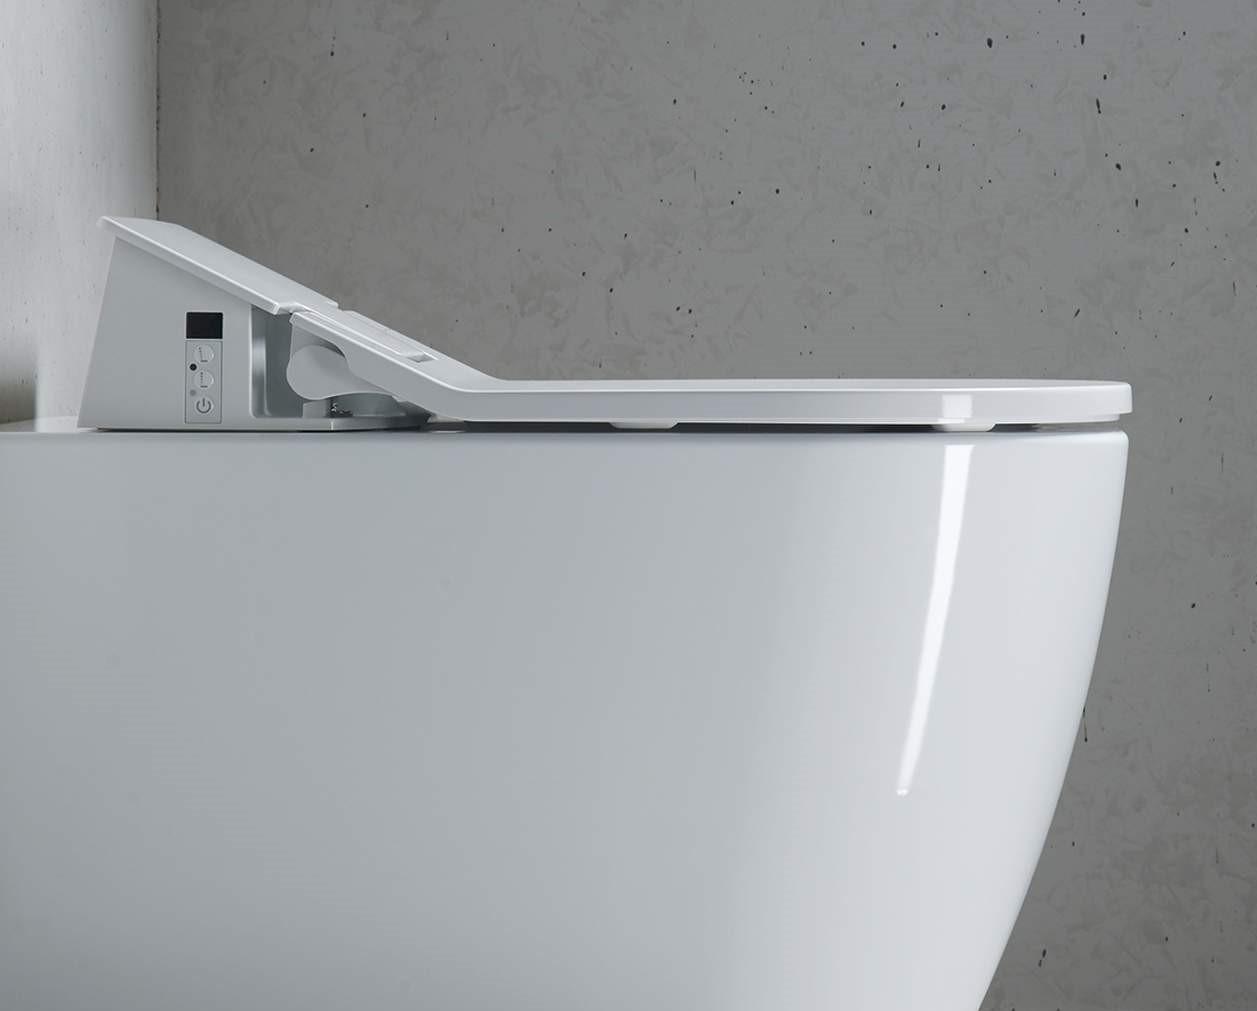 Full Size of Badewanne Mit Dusche Begehbare Fliesen Einbauen Thermostat Hüppe Duschen Duschöl Anal Einhebelmischer Bodengleich Dusche Dusch Wc Aufsatz